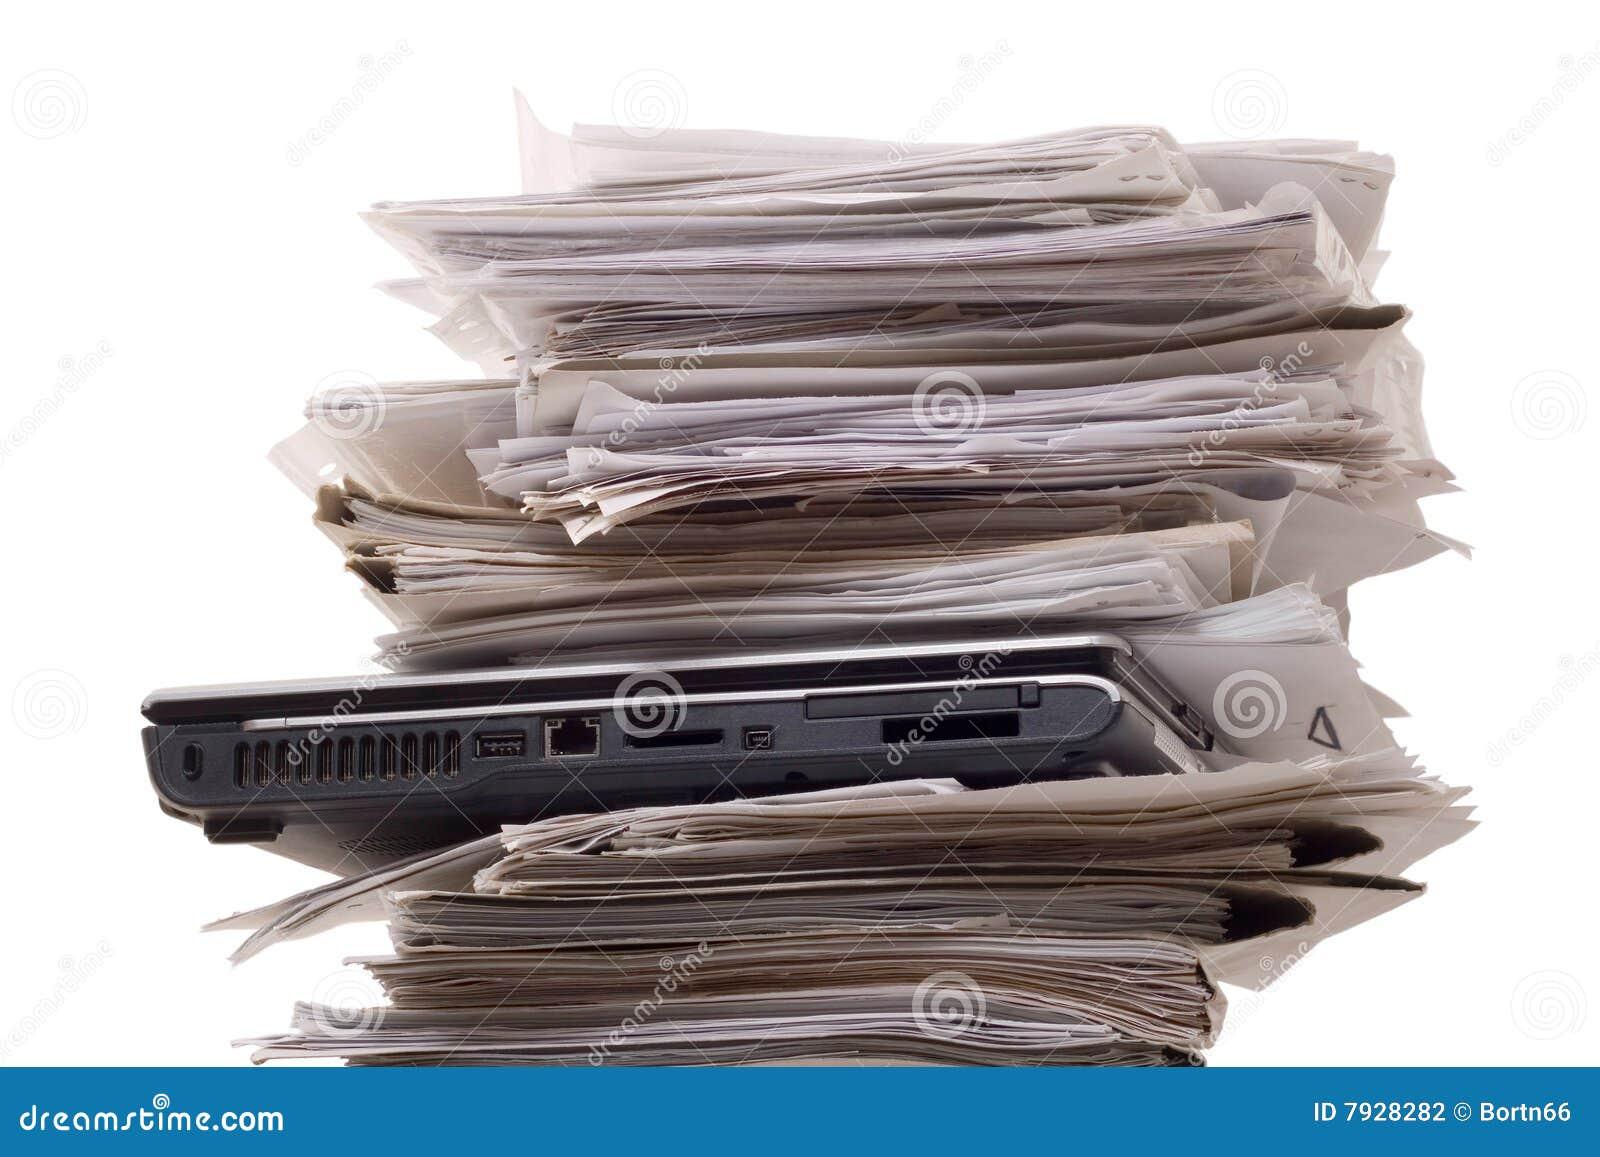 Laptops, documentation, close-up